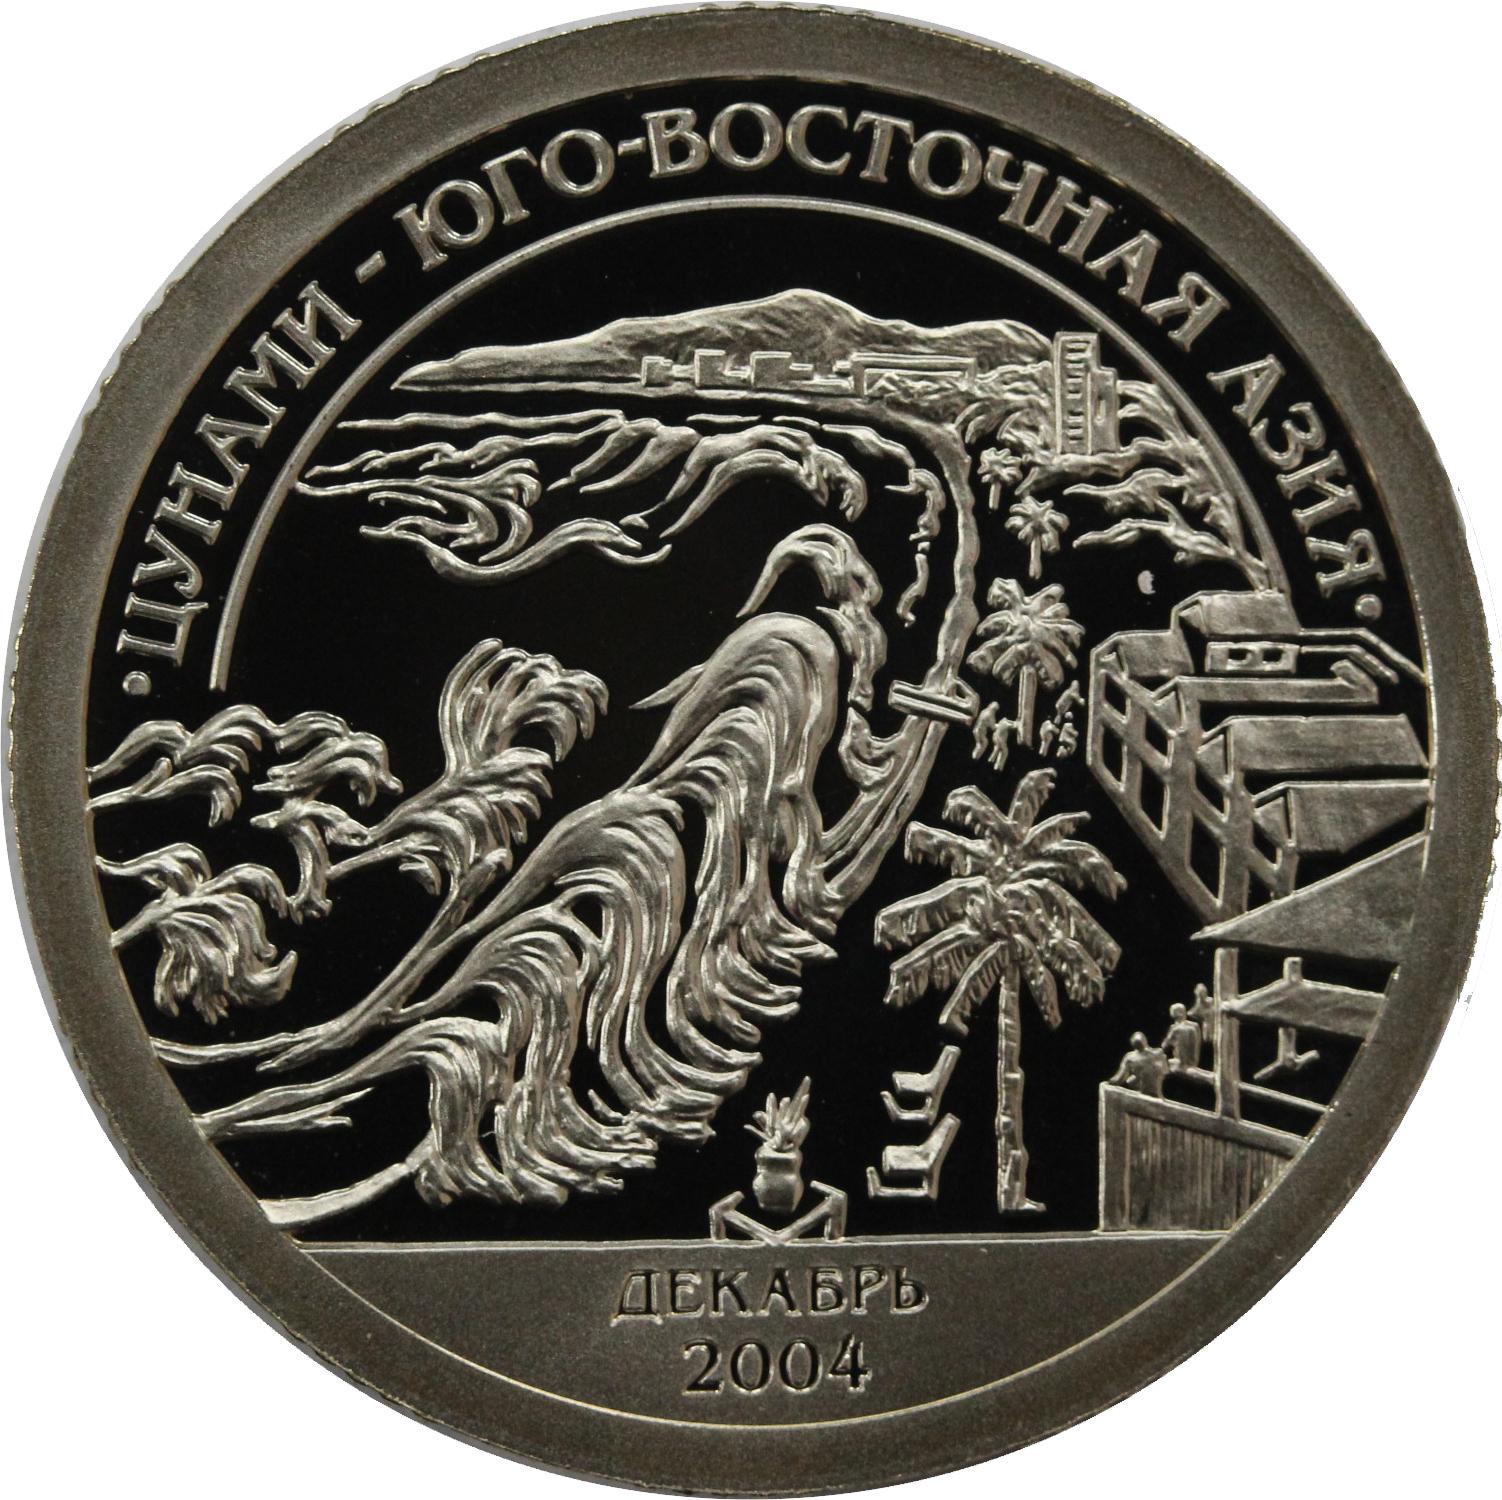 10 разменный знак 2005 года. Арктикуголь, остров Шпицберген. ЦУНАМИ - ЮГО-ВОСТОЧНАЯ АЗИЯ. PROOF